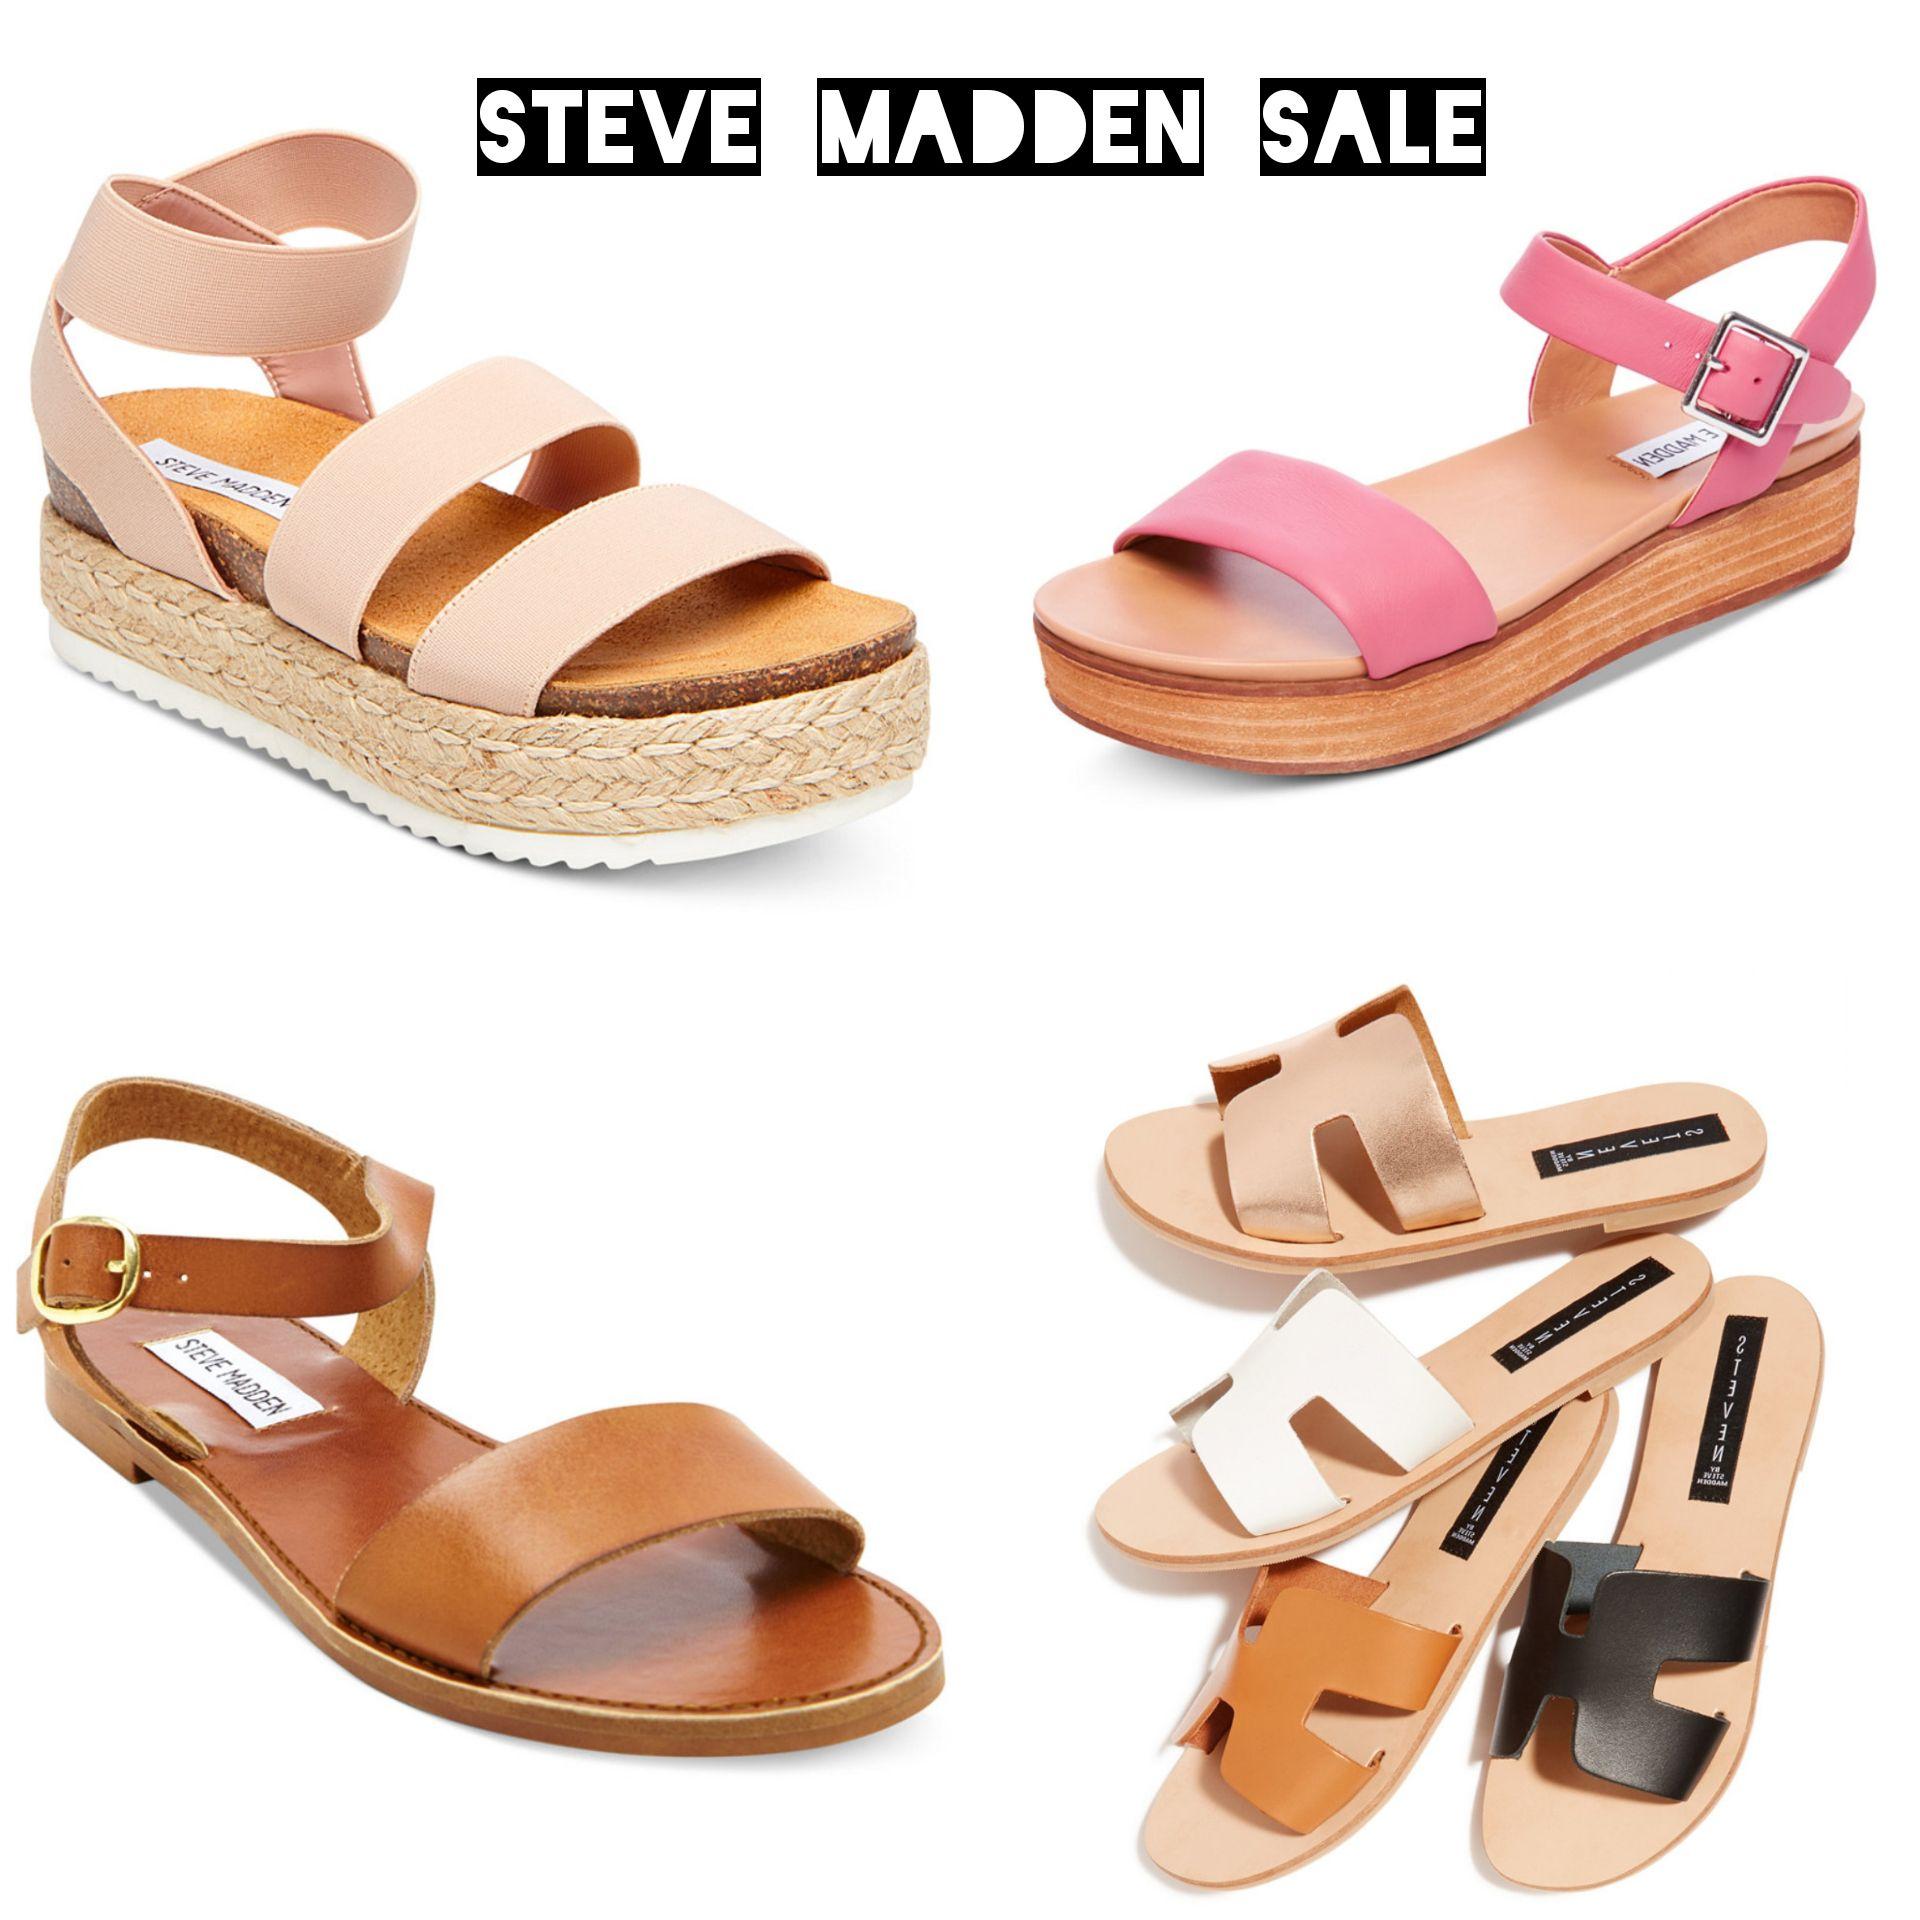 Steve Madden SPRING sandals on SALE